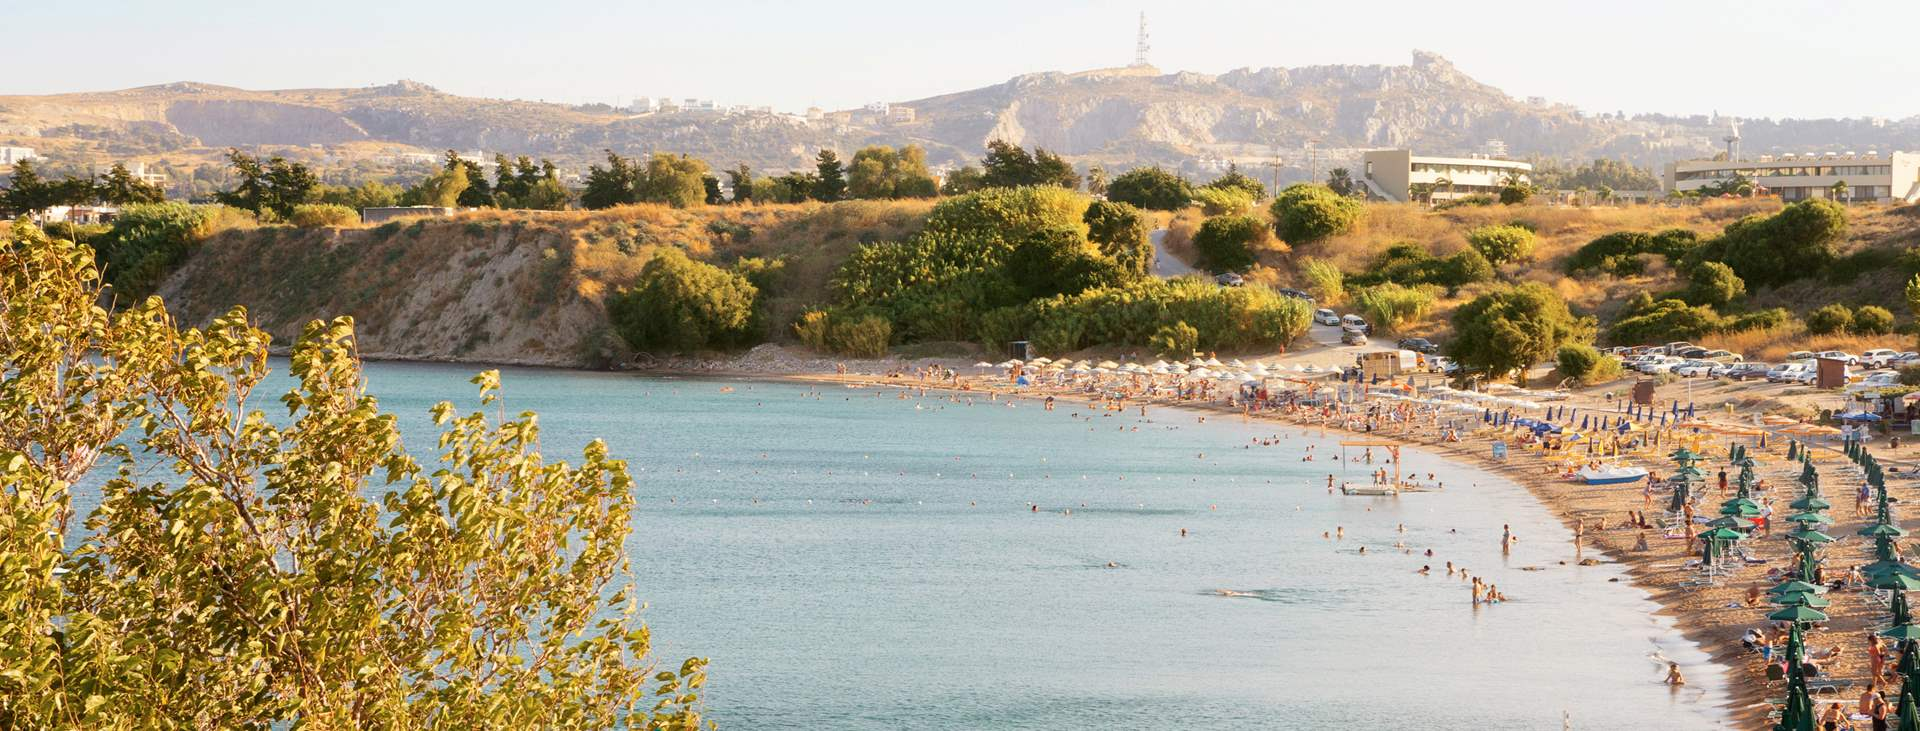 Boka en resa med All Inclusive till Kallithea på Rhodos